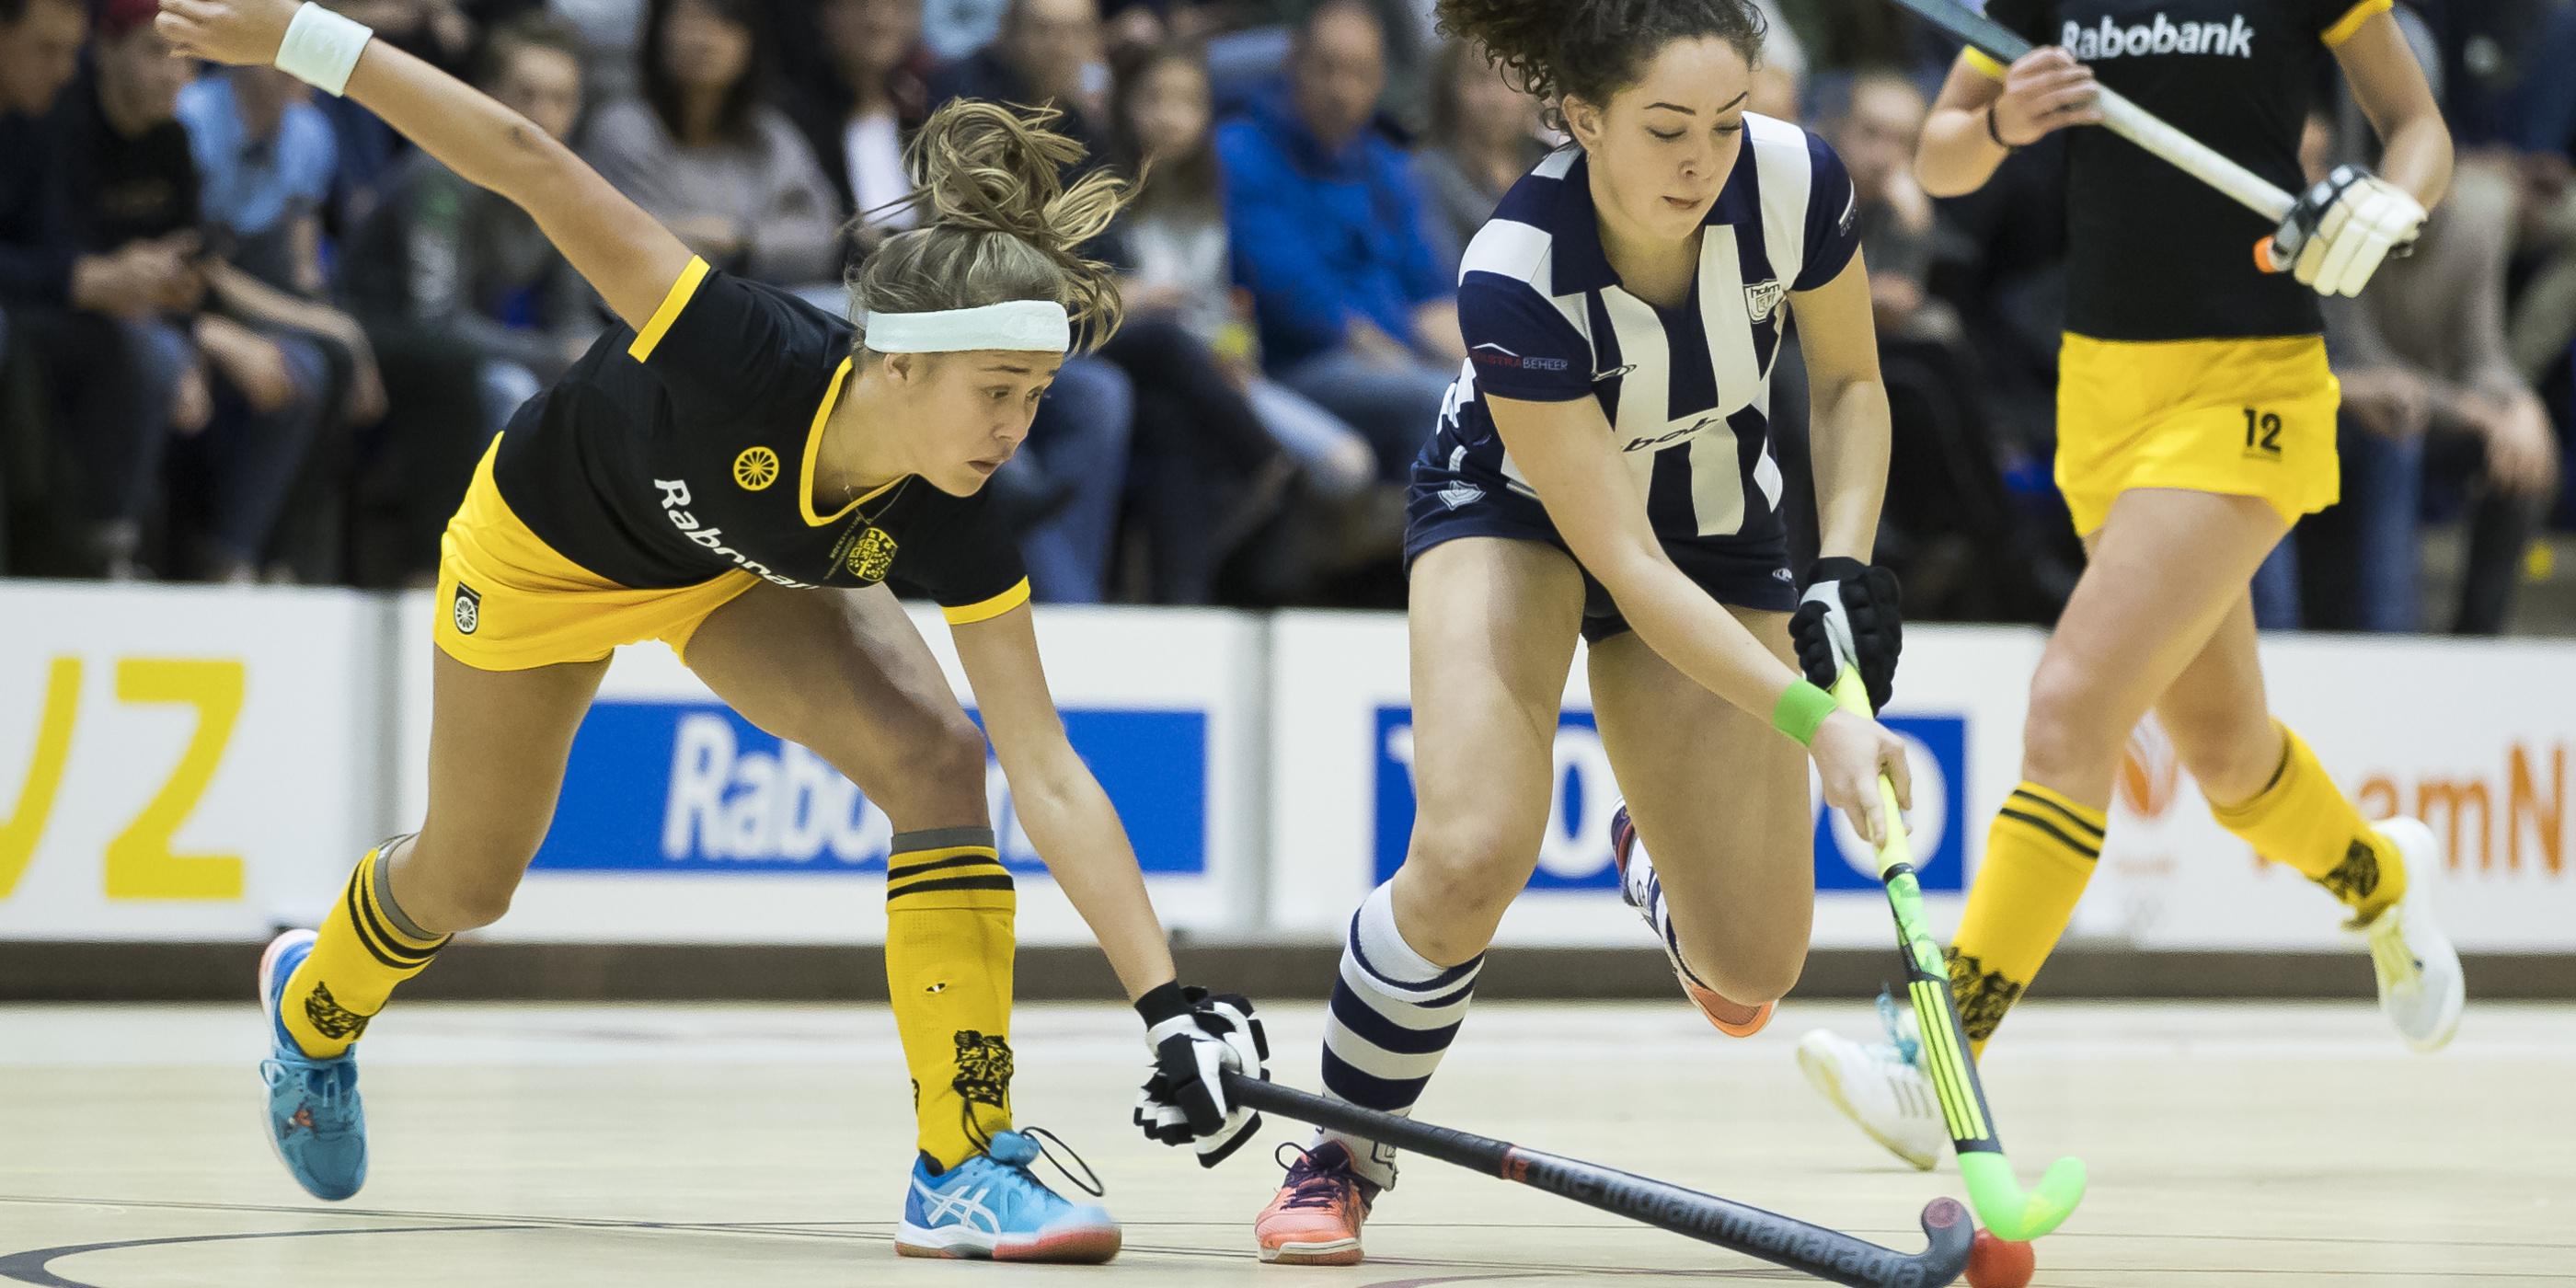 Bekendmaking indeling en programma Hoofdklasse Zaalhockey 2019-2020 en districtscompetities